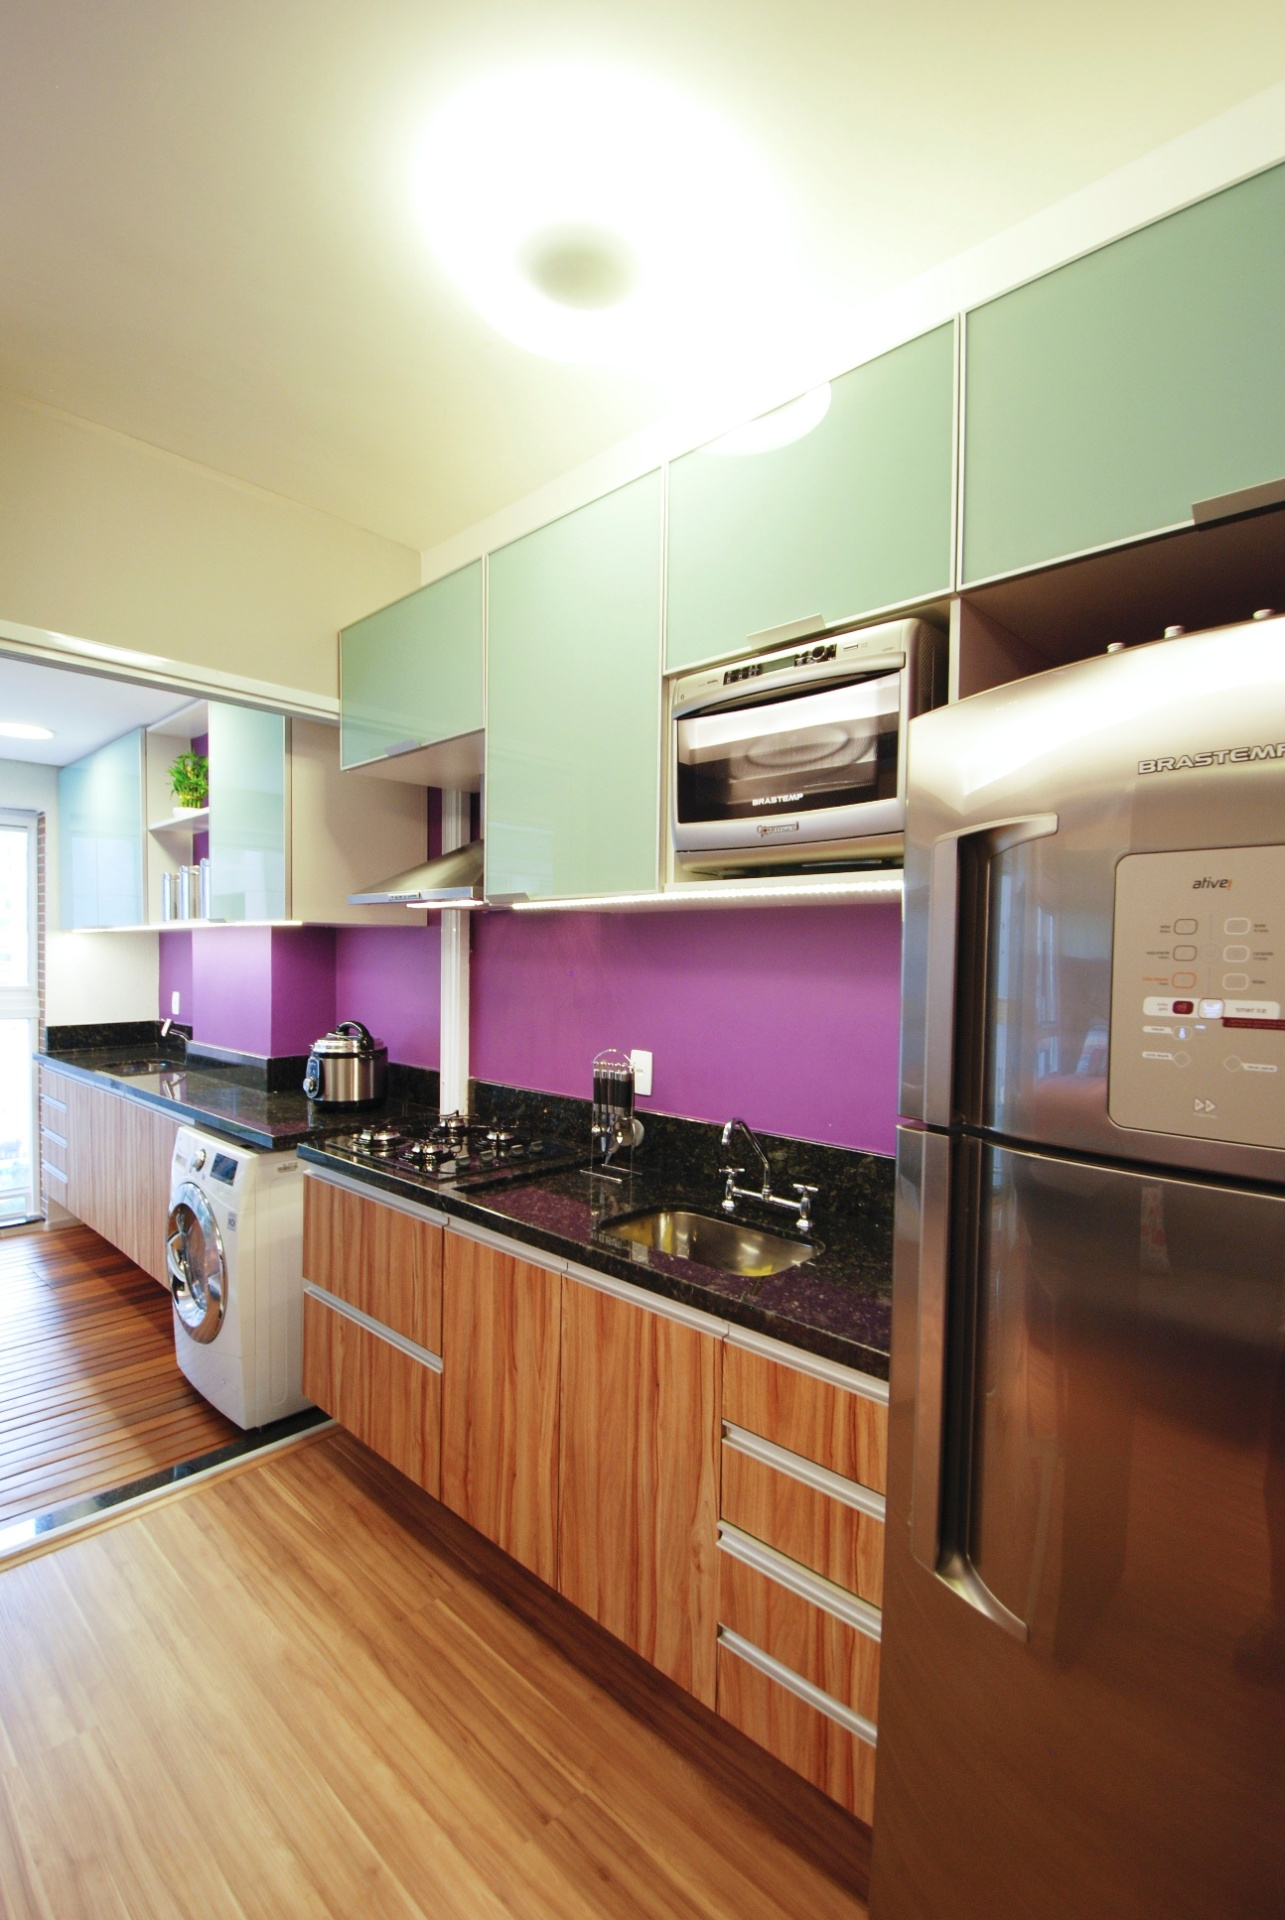 criam lar em apenas 35 m²; veja o projeto   UOL Estilo de vida #703C23 1285 1920